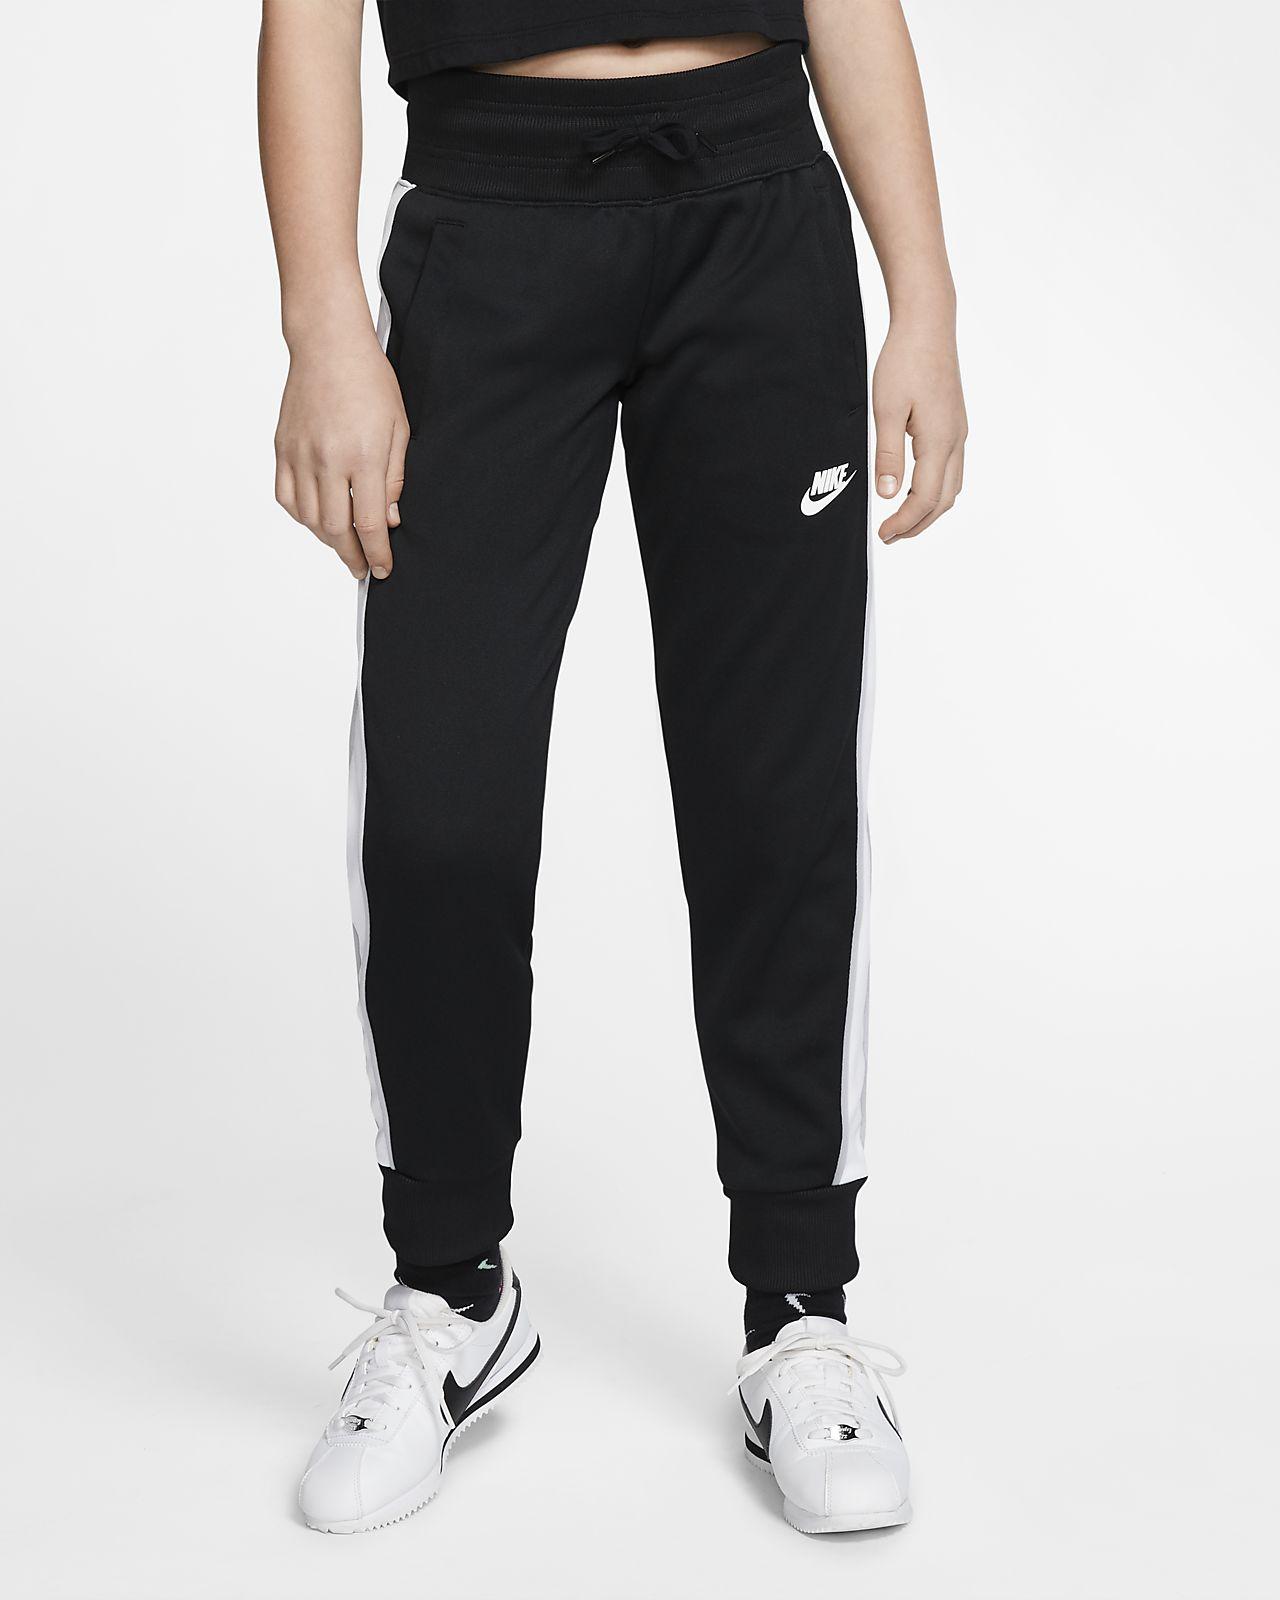 Kalhoty Nike Sportswear Heritage pro větší děti (dívky)